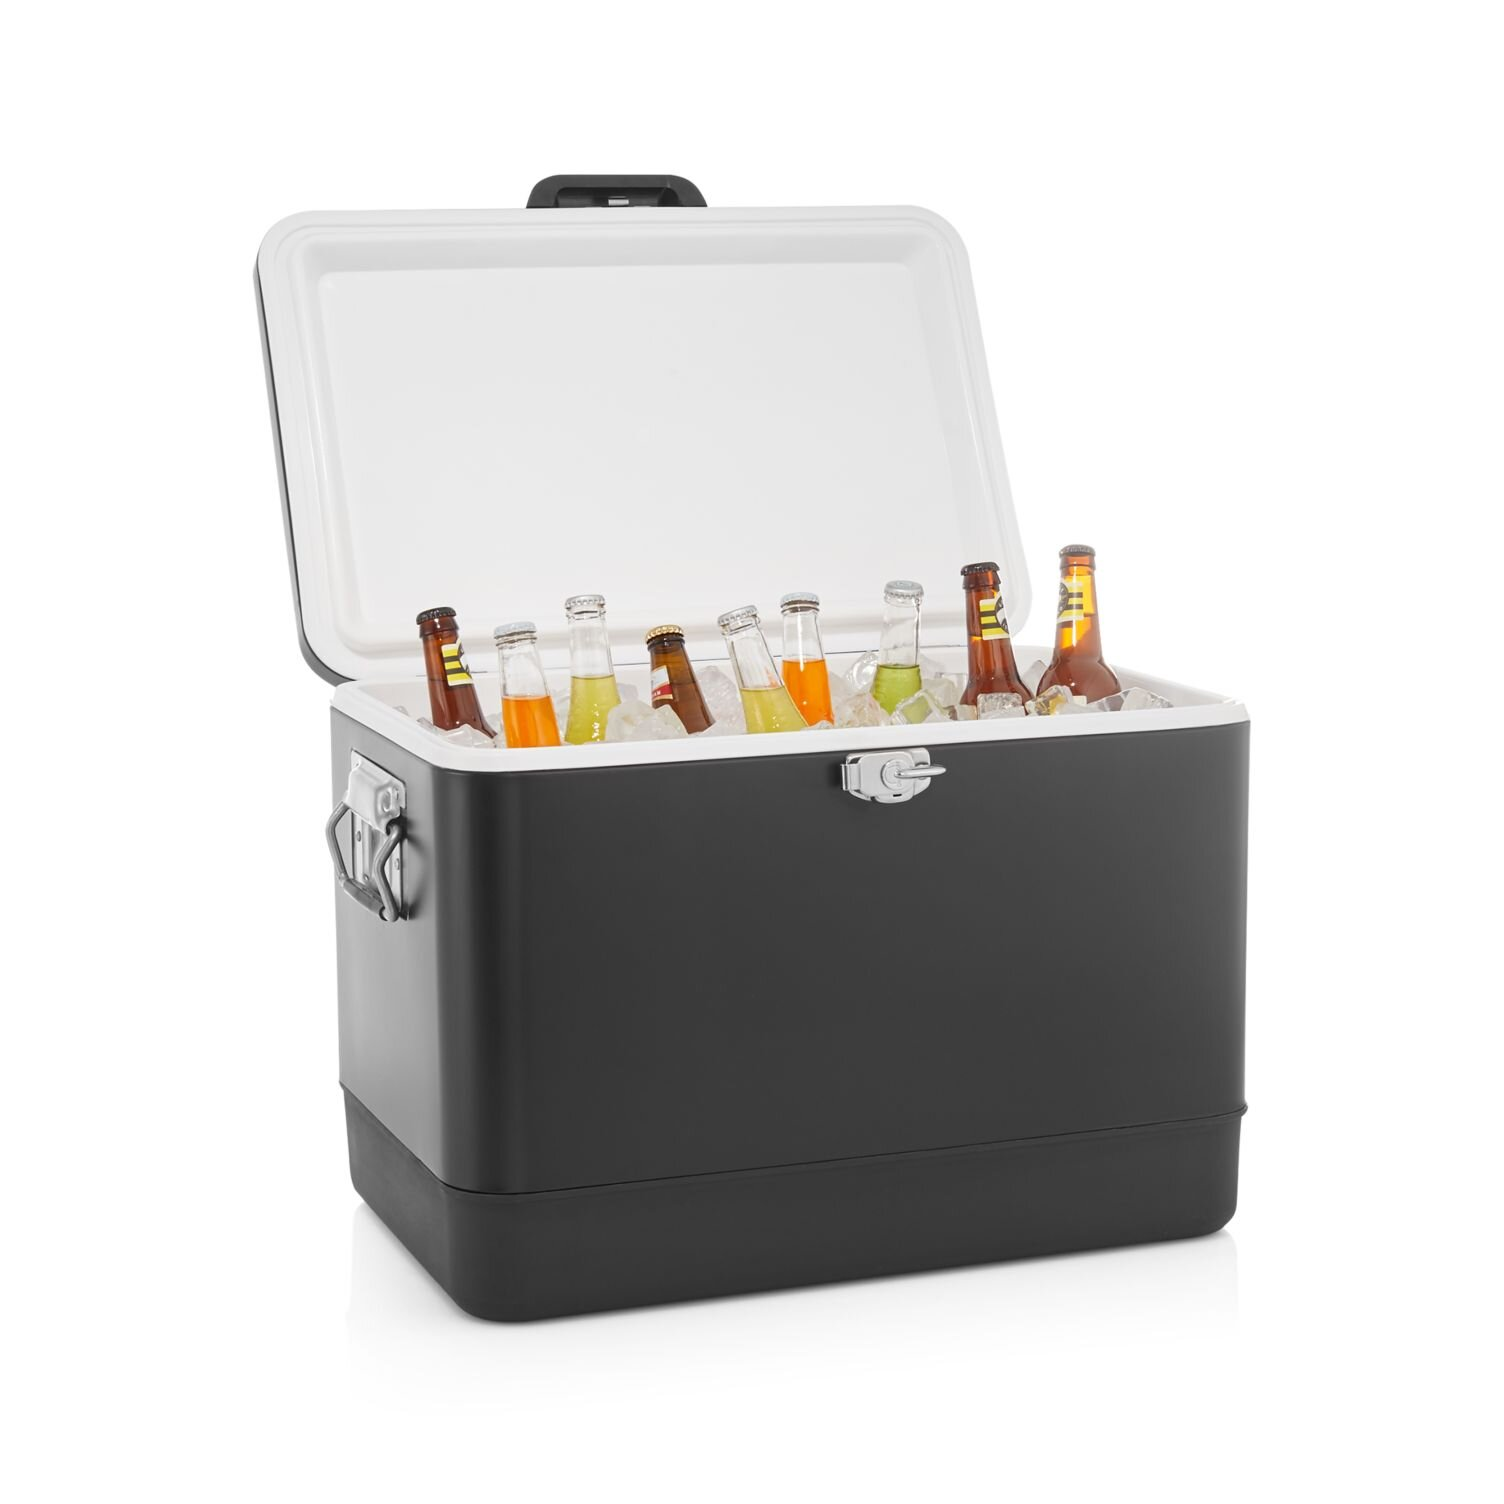 All Black Crate & Barrel Cooler